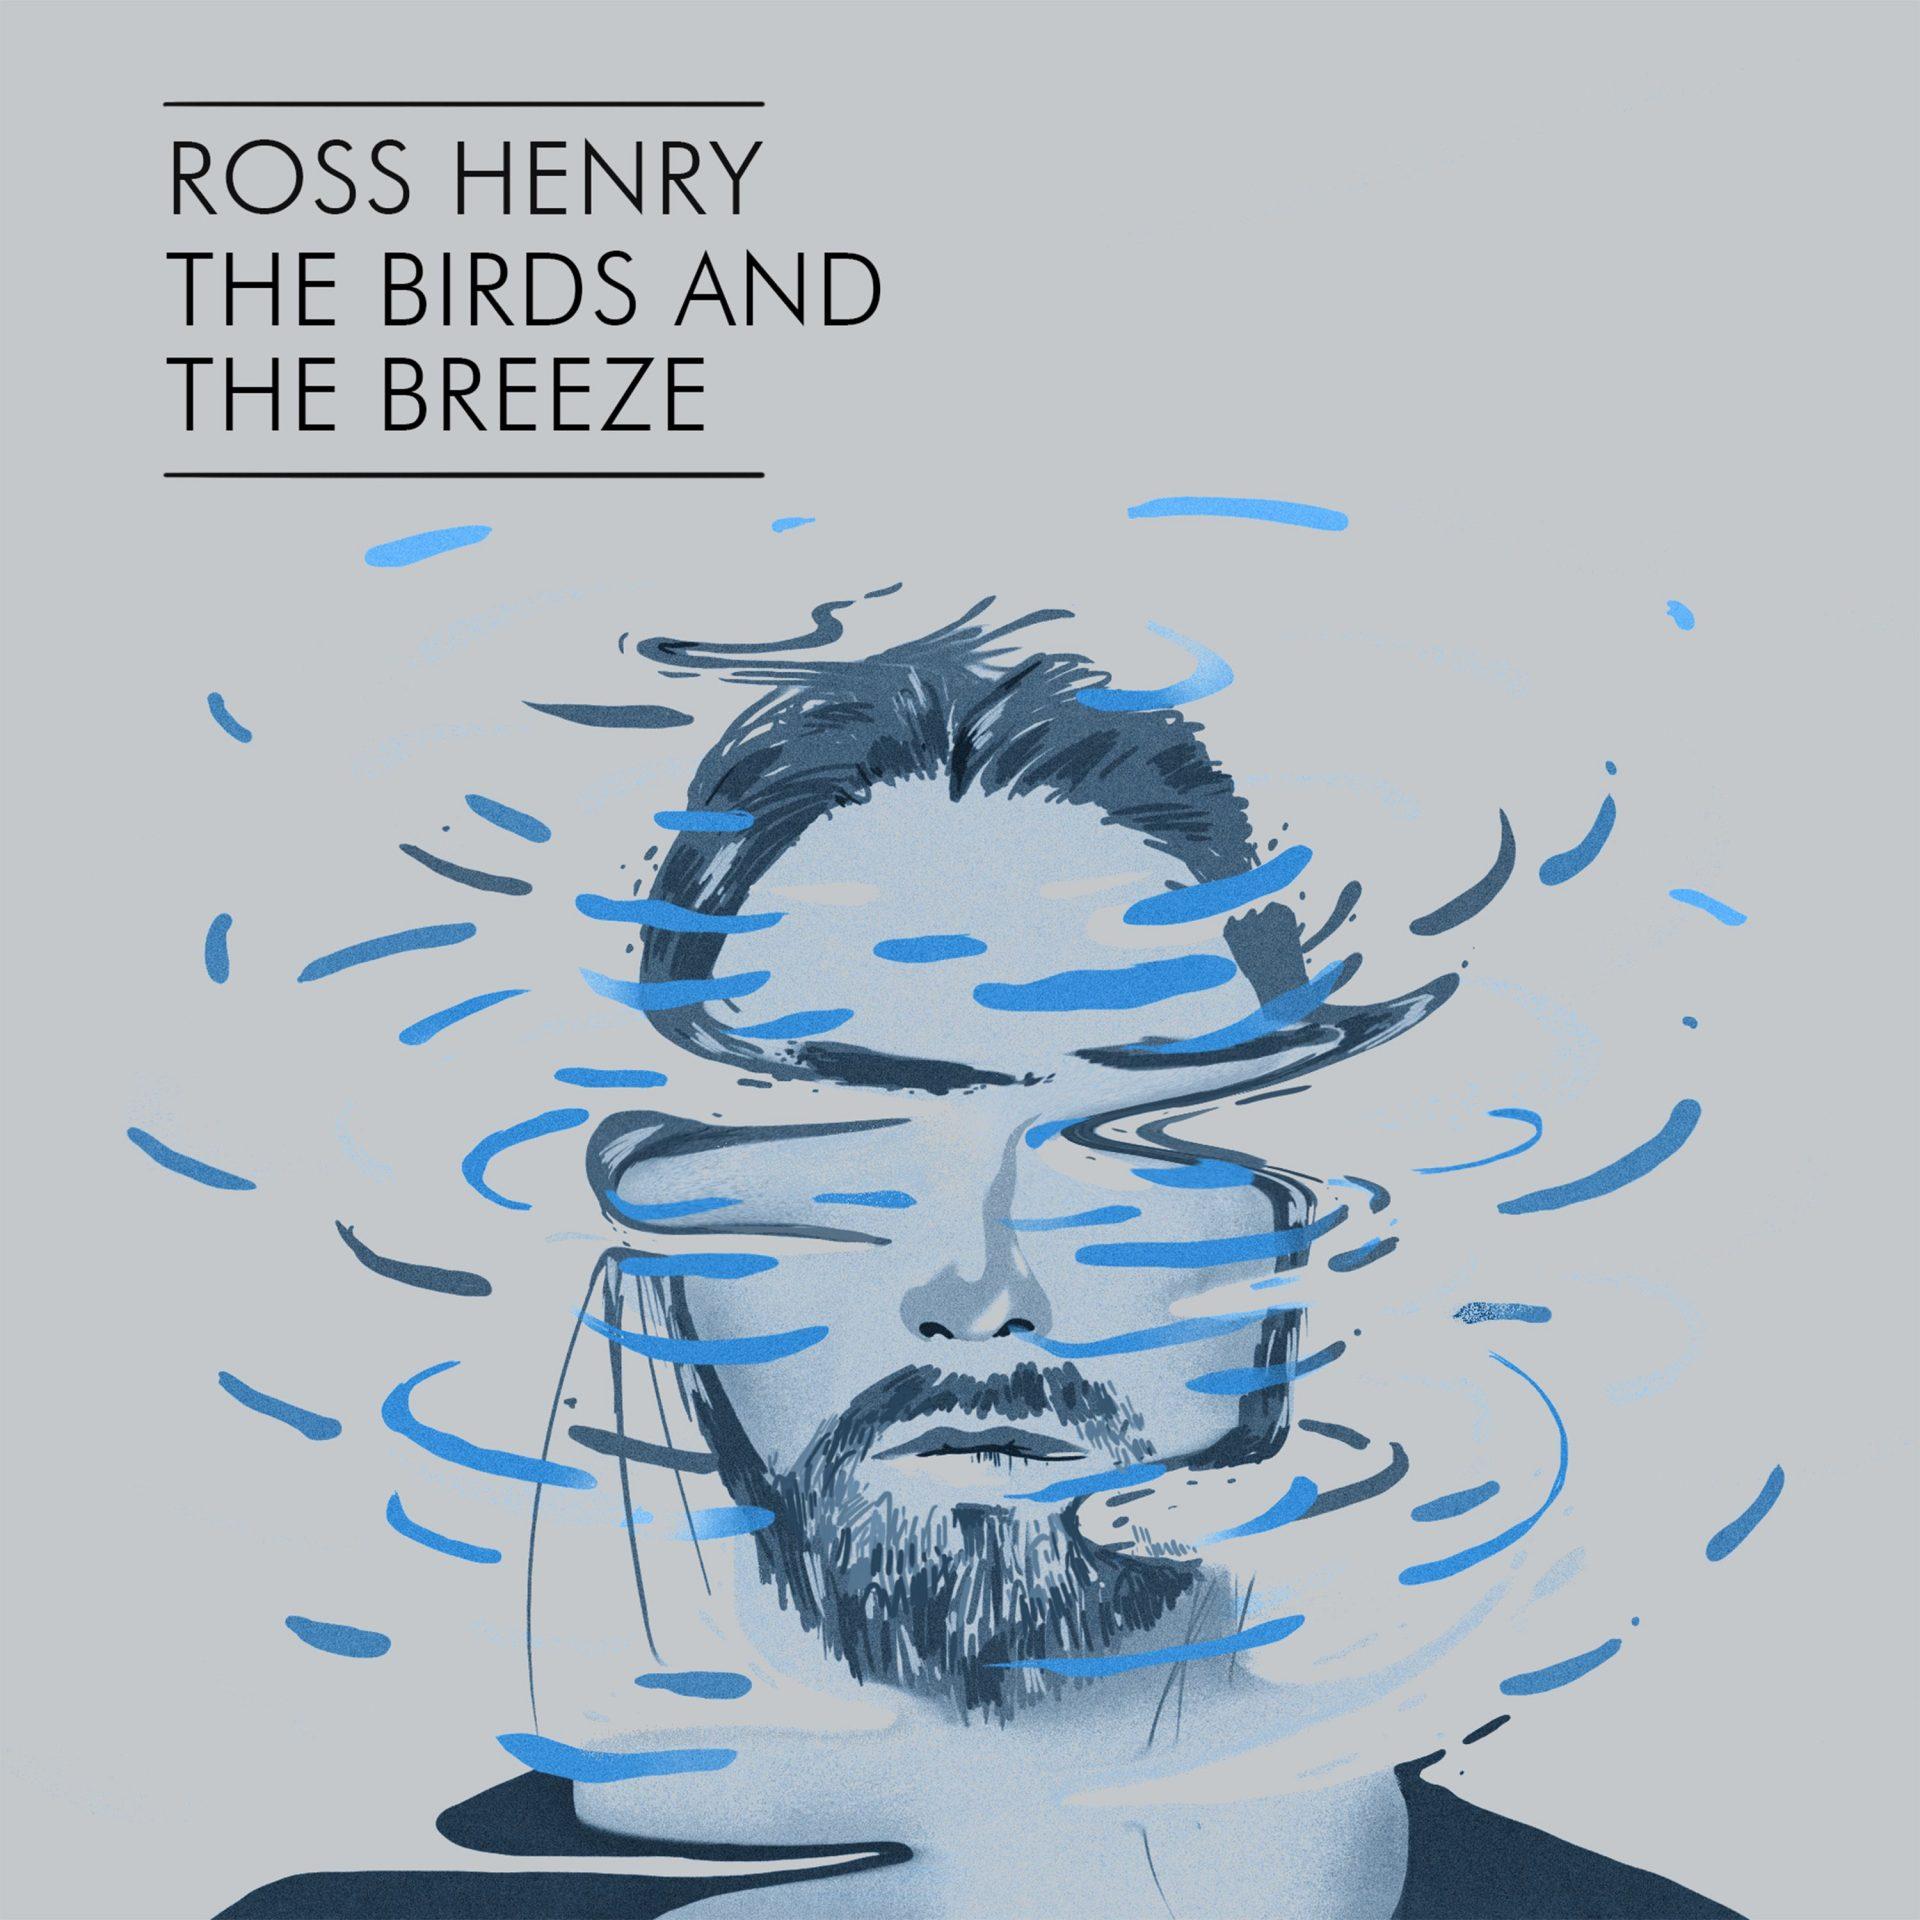 Ross Henry